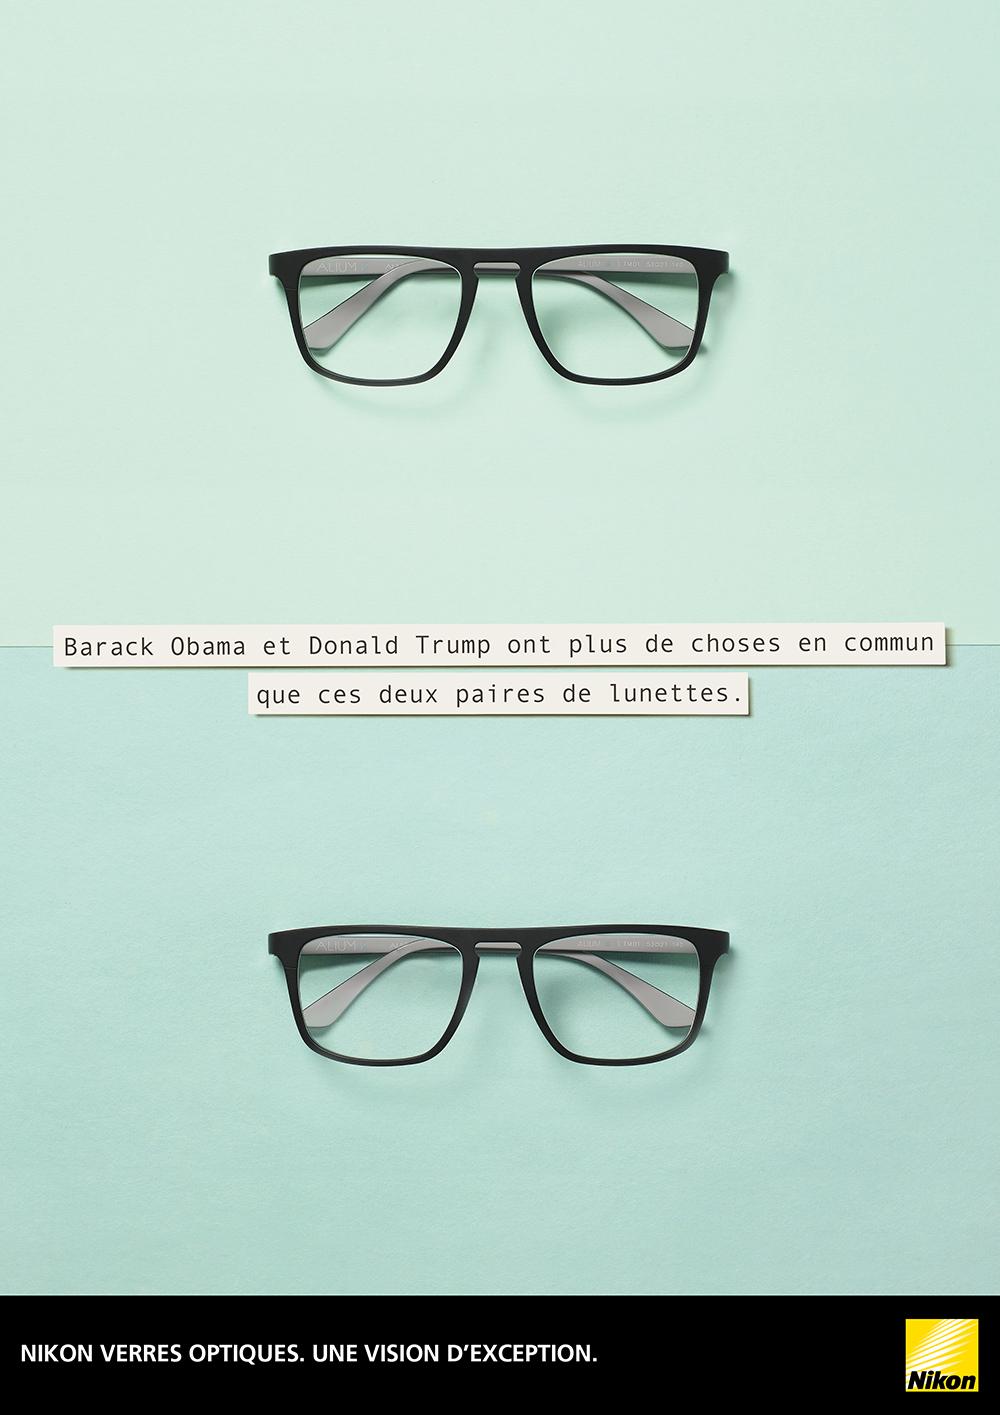 nikon-verres-optiques-publicite-print-affiche-optical-jeux-de-mots-vue-vision-agence-altmann-pacreau-4